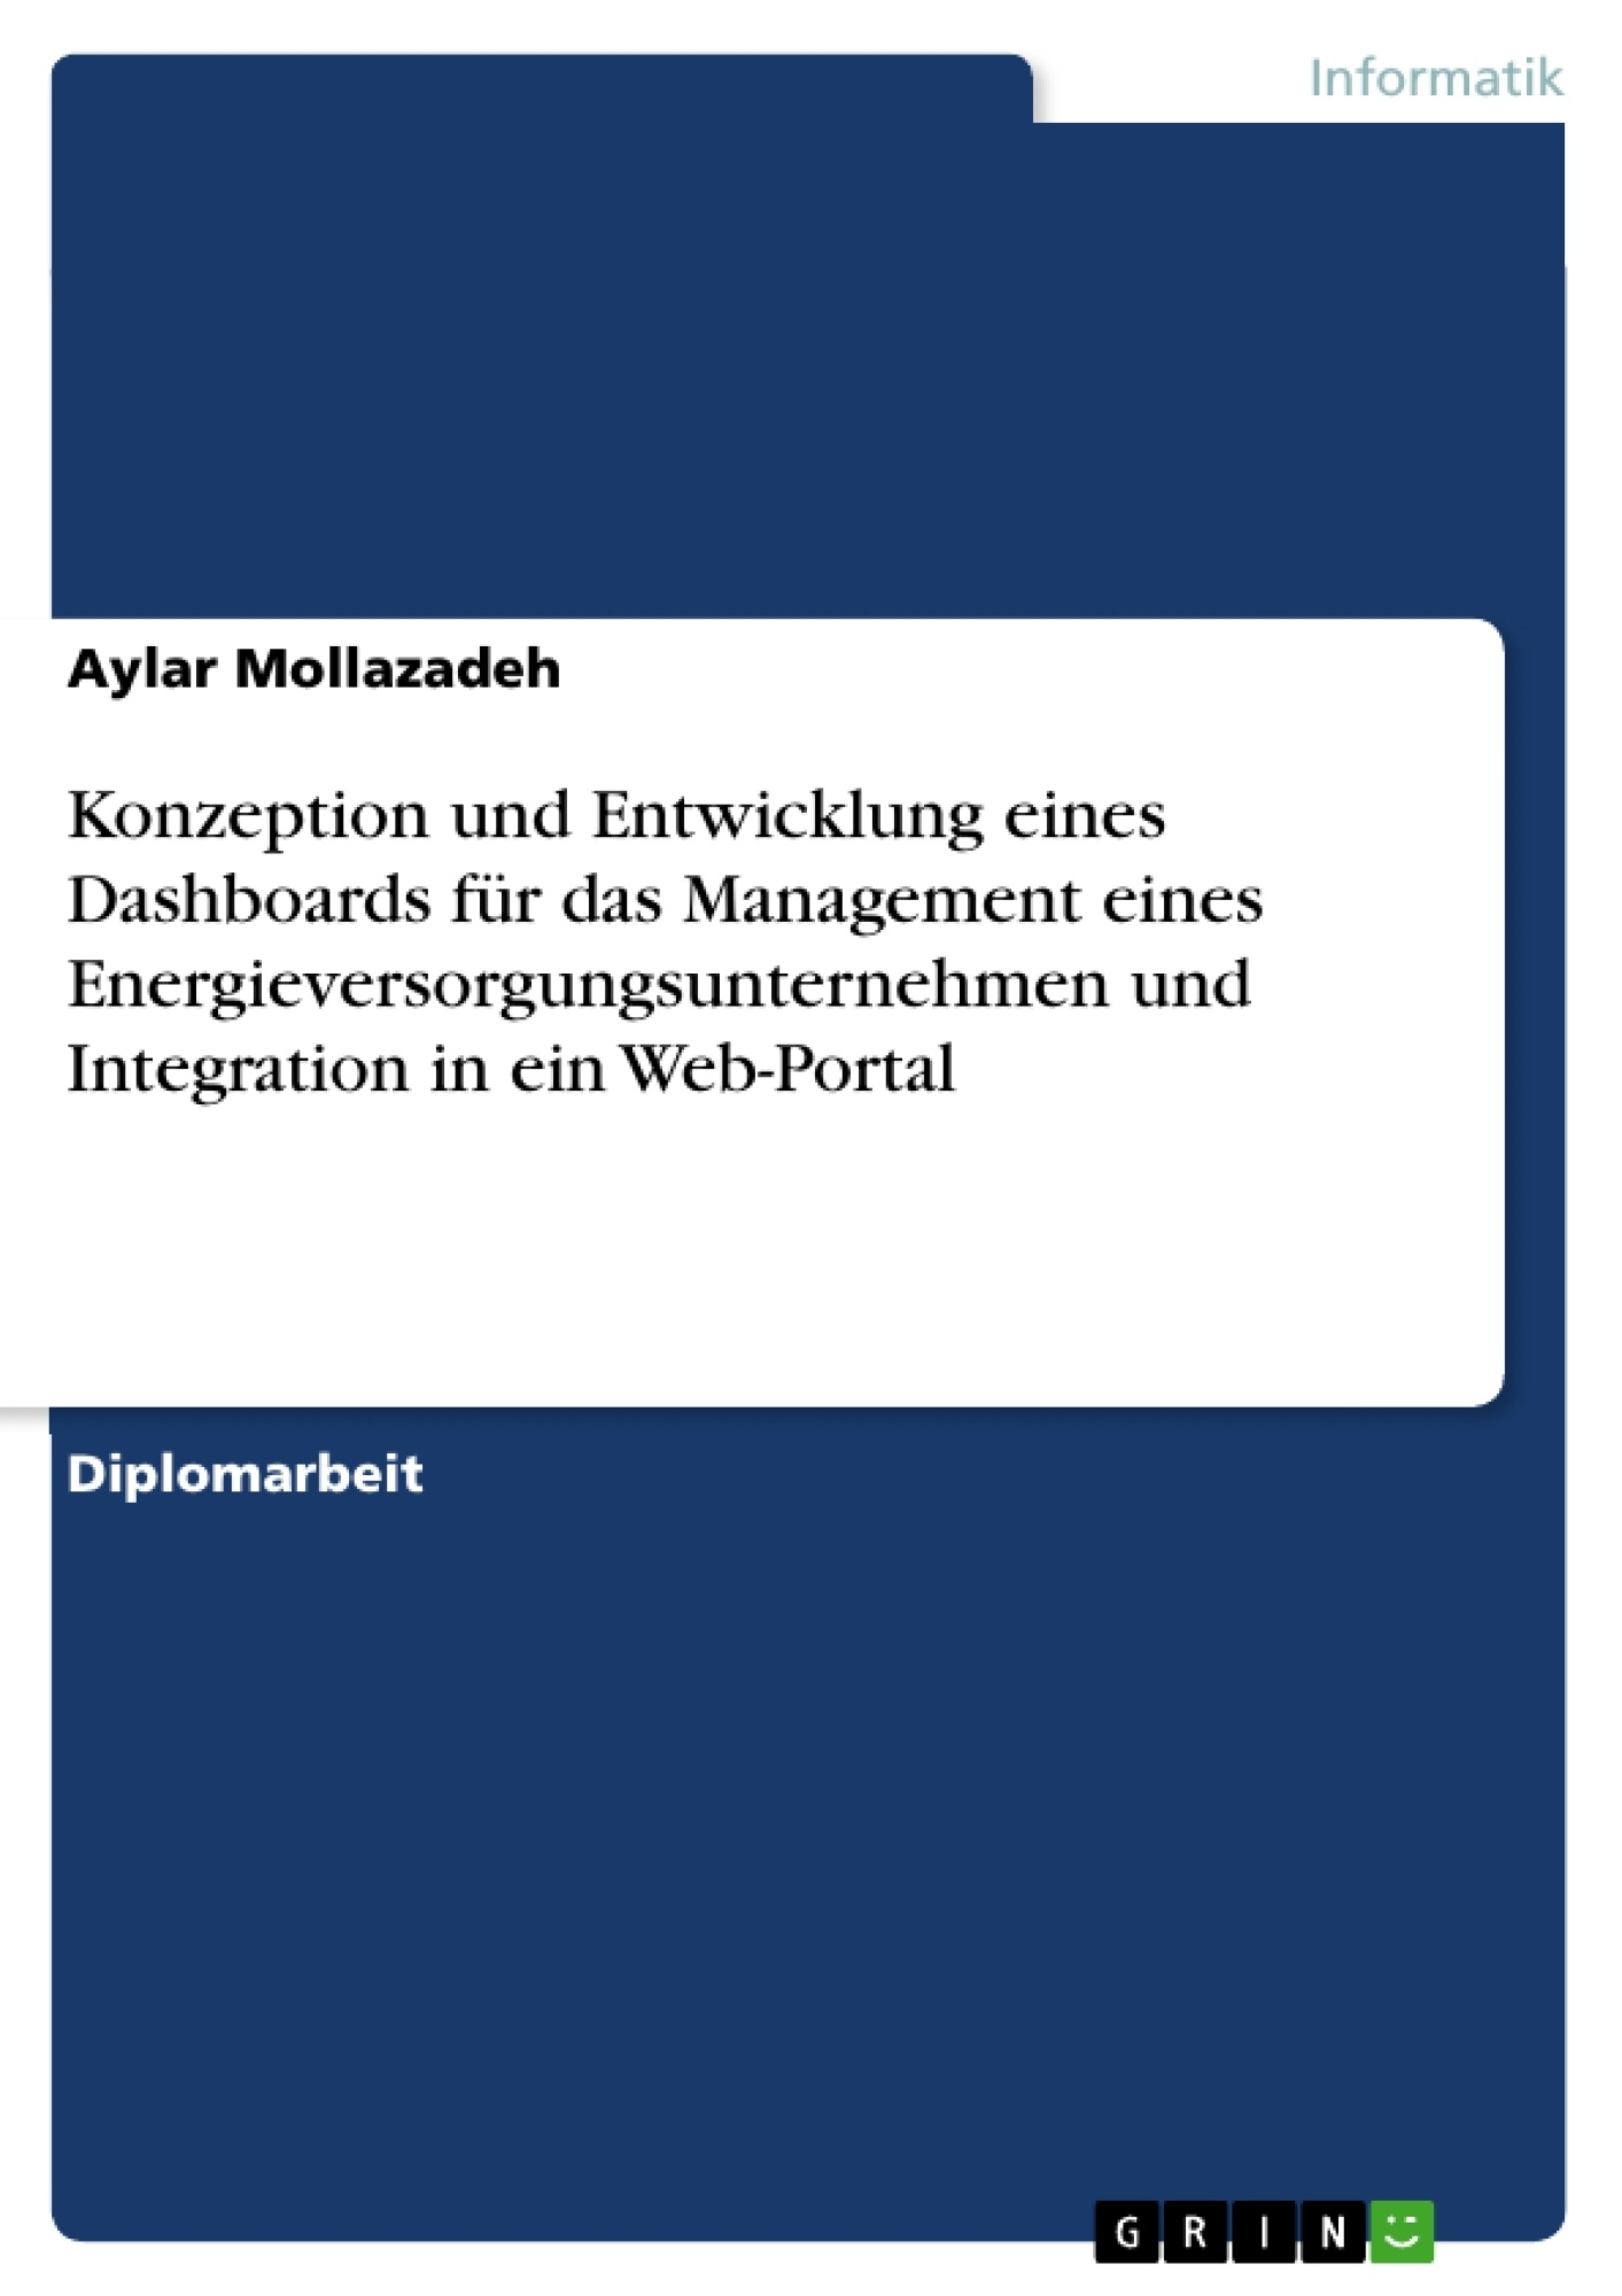 Titel: Konzeption und Entwicklung eines Dashboards für das Management eines Energieversorgungsunternehmen und Integration in ein Web-Portal